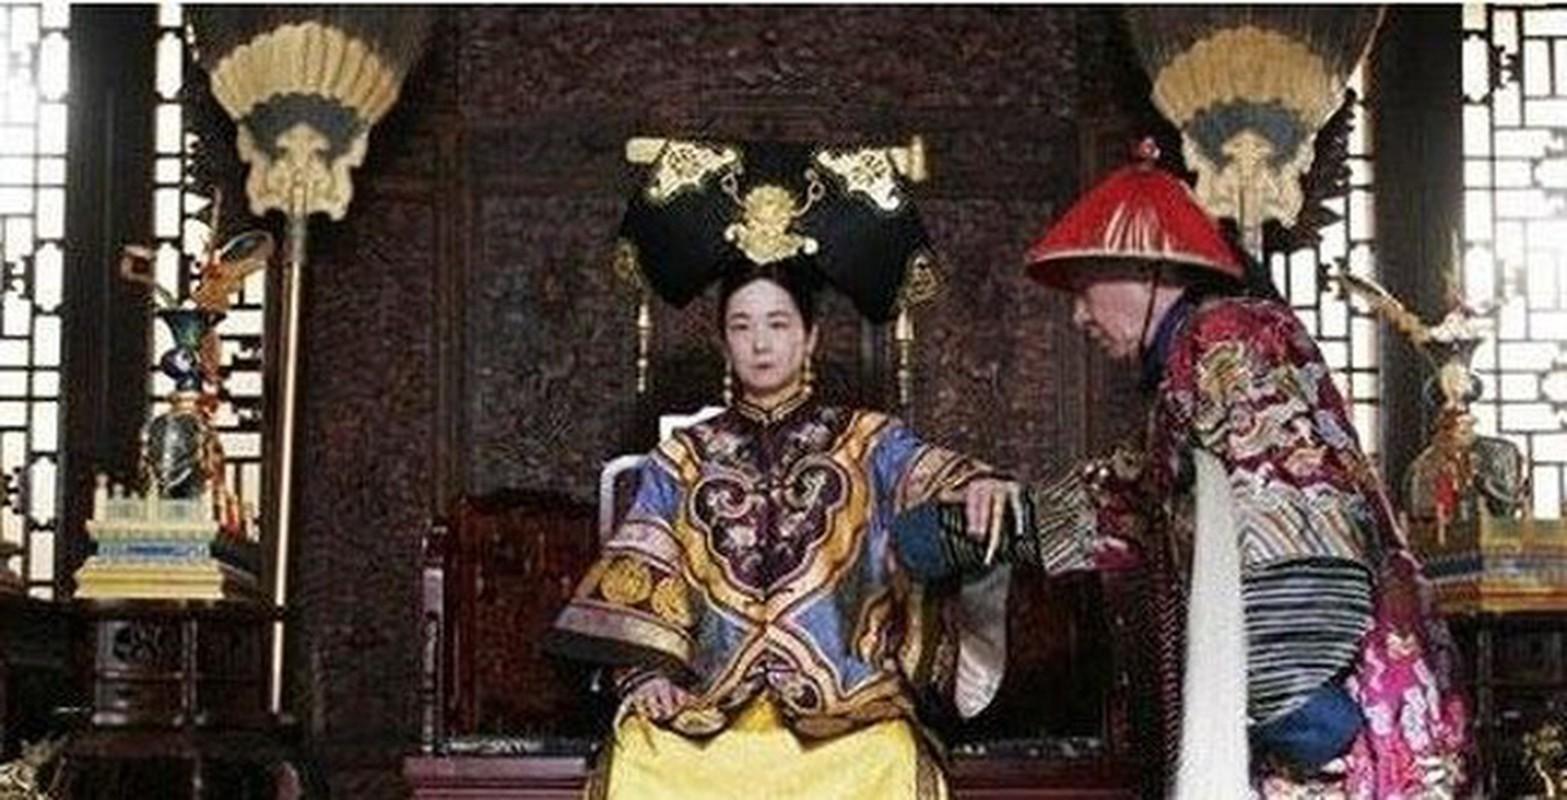 Tu Hi Thai hau trong dung, tin tuong thai giam nao nhat?